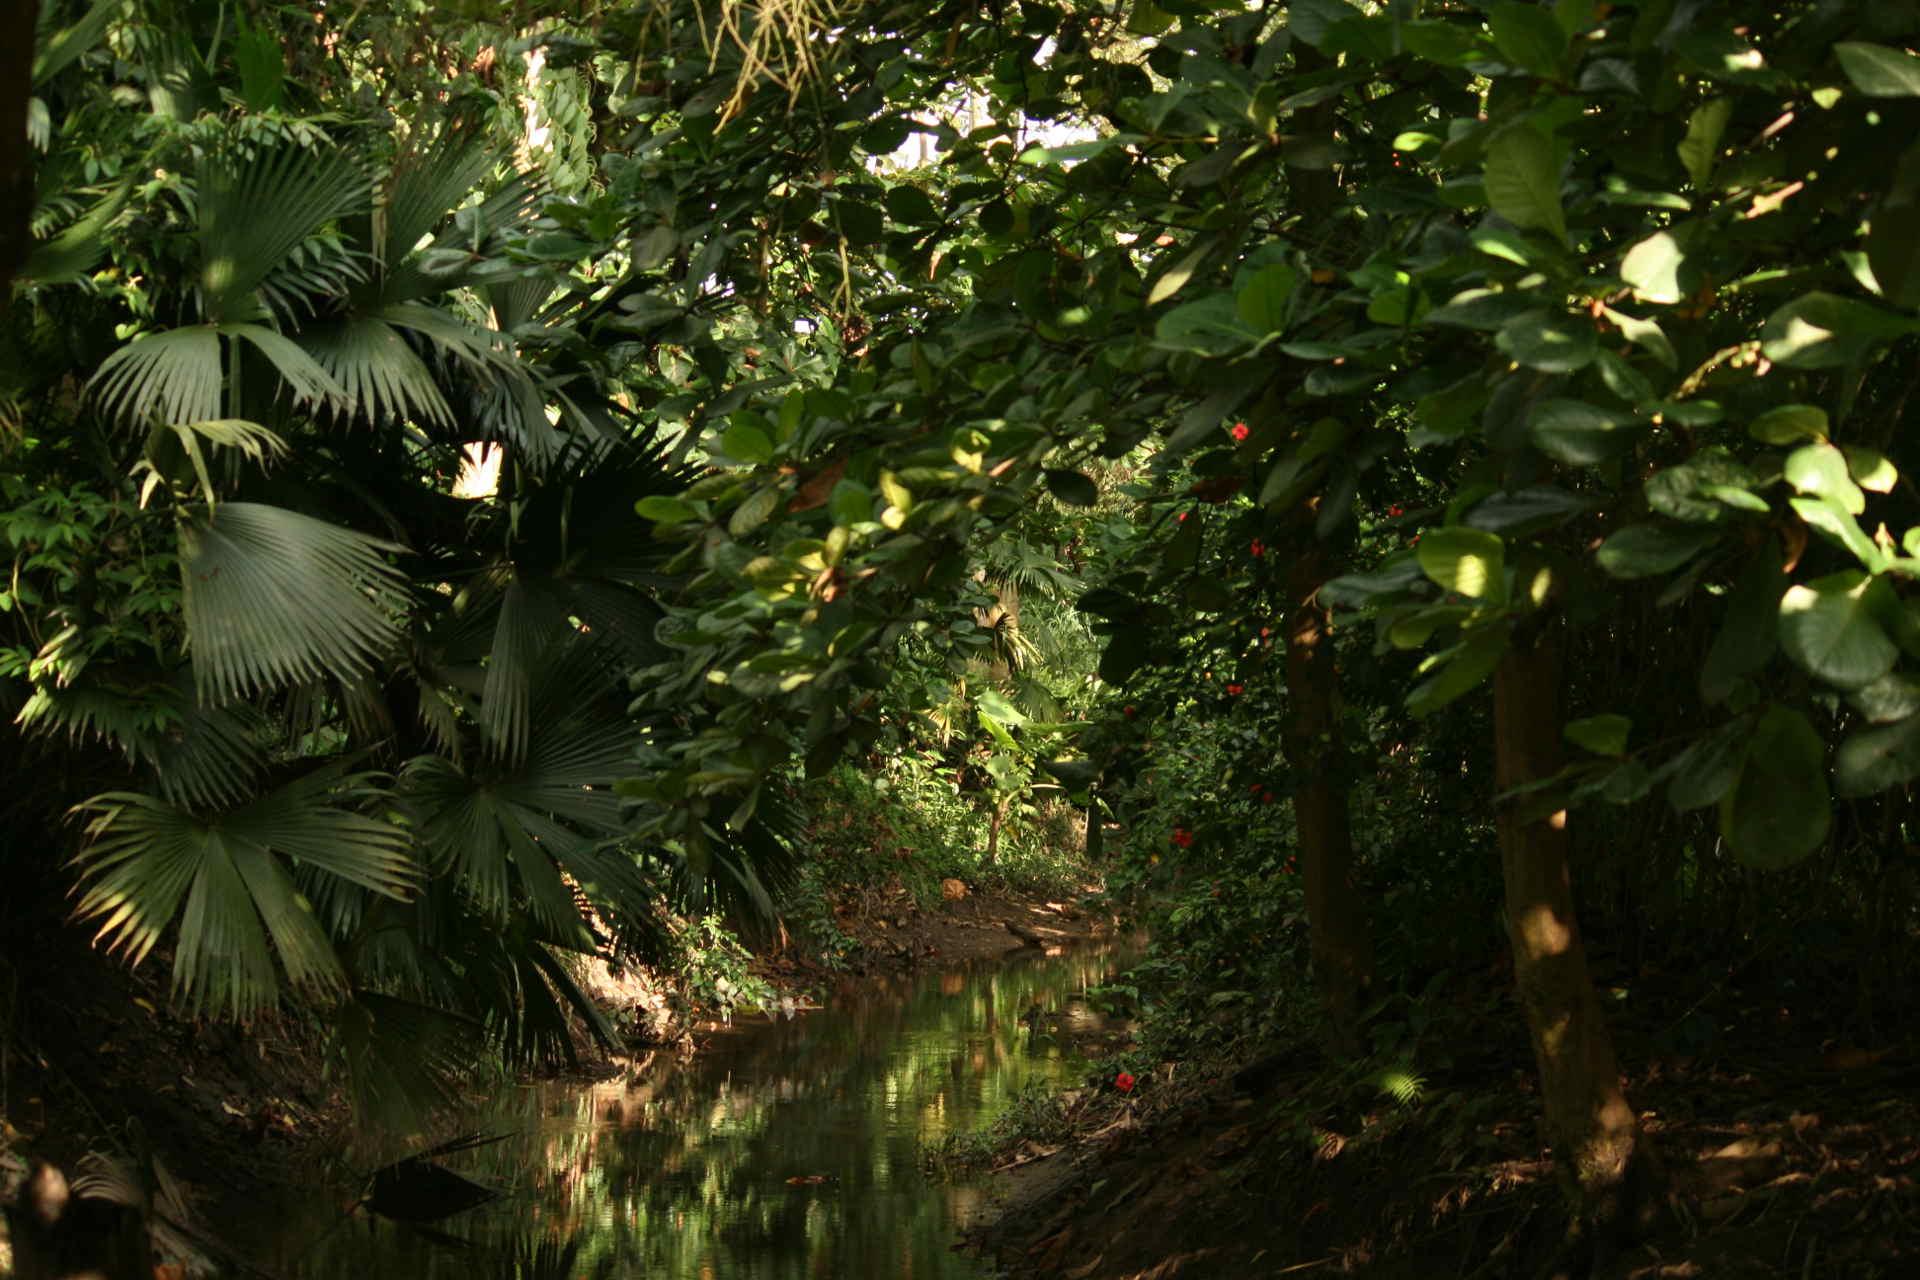 Grenze einer Bananen Plantage, in der Mitte fließt ein Bach